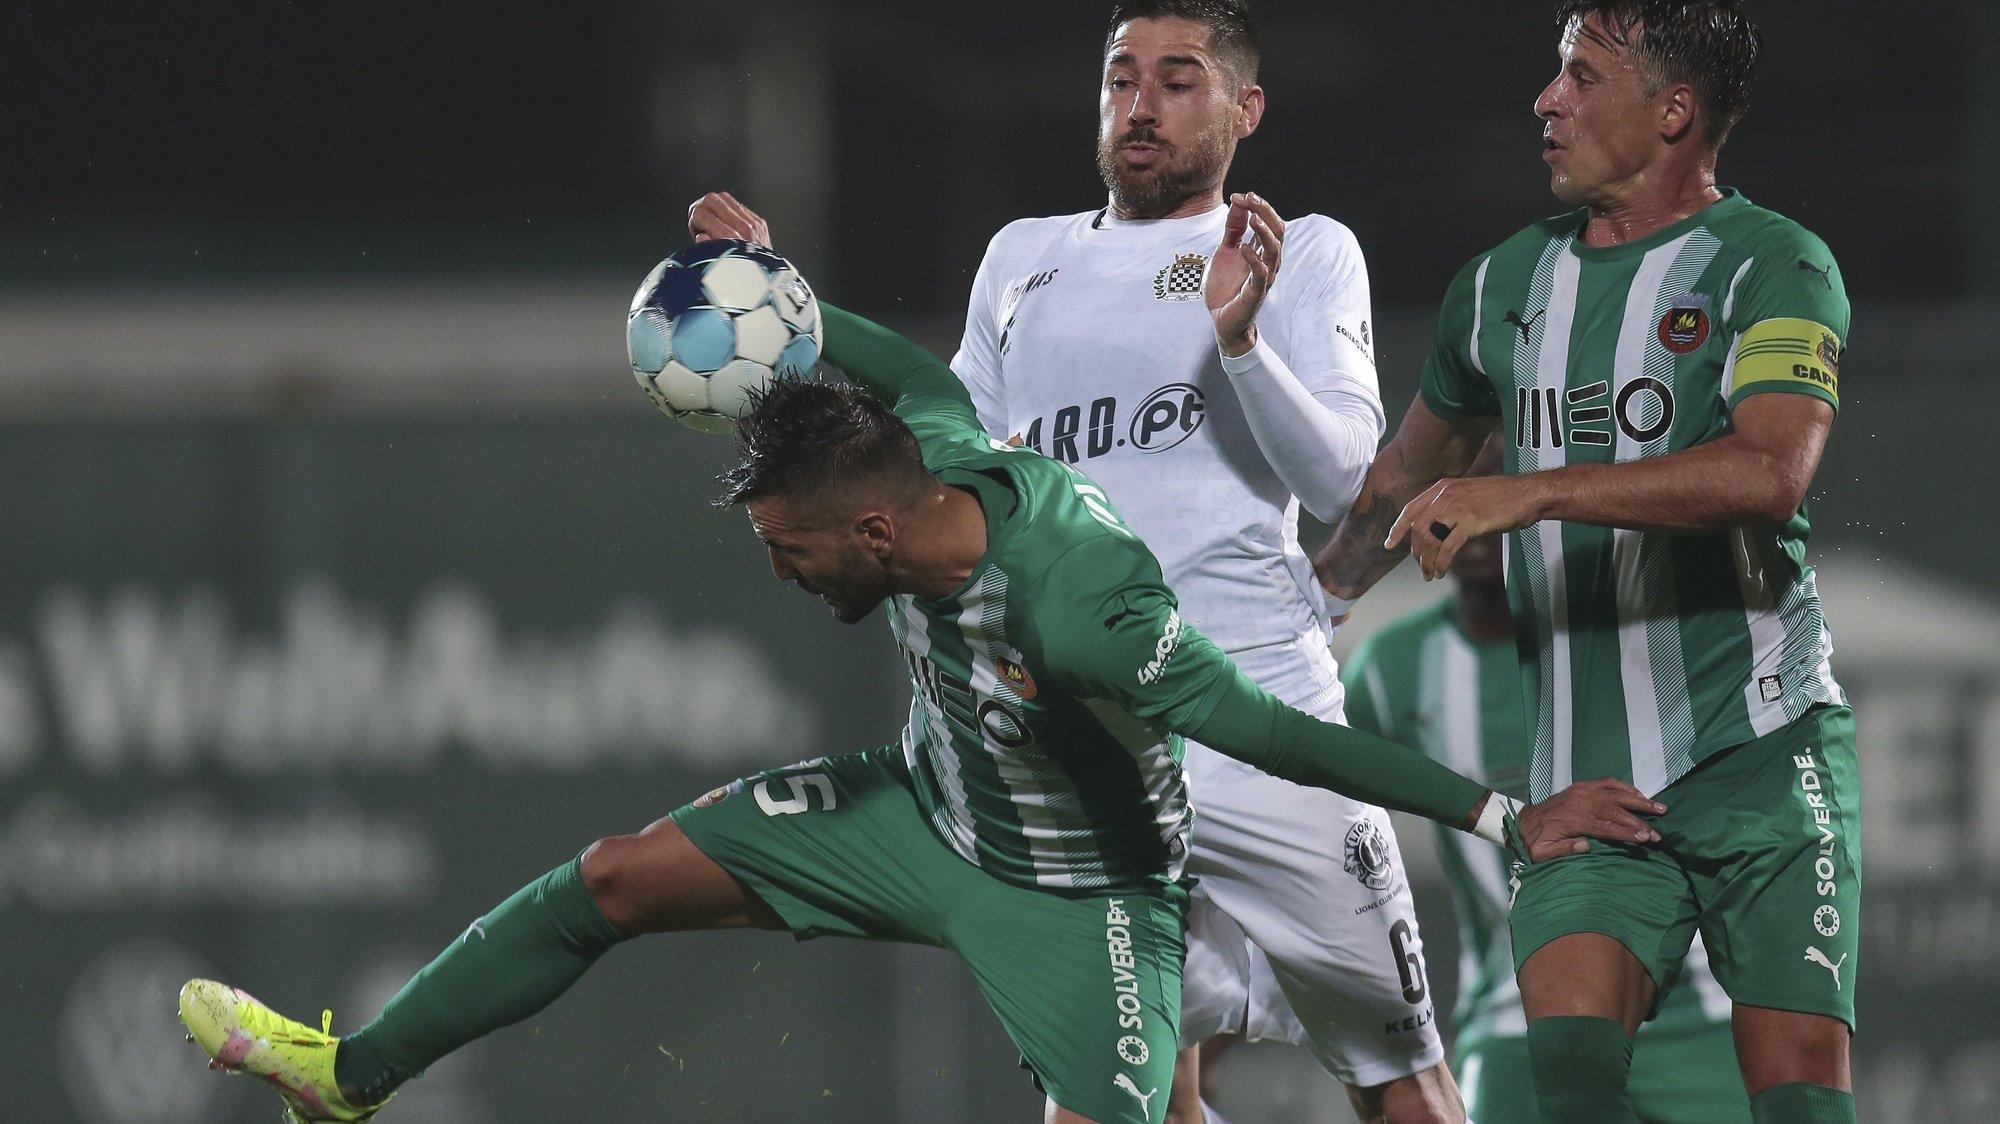 O jogador do Rio Ave Zé Manuel (E) disputa a bola com o jogador do Boavista Javi Garcia (C), durante o jogo da 3.ª eliminatória da Taça de Portugal, entre o Rio Ave e o Boavista, disputado no Estádio dos Arcos, em Vila do Conde, 17 de outubro de 2021. MANUEL FERNANDO ARAÚJO/LUSA